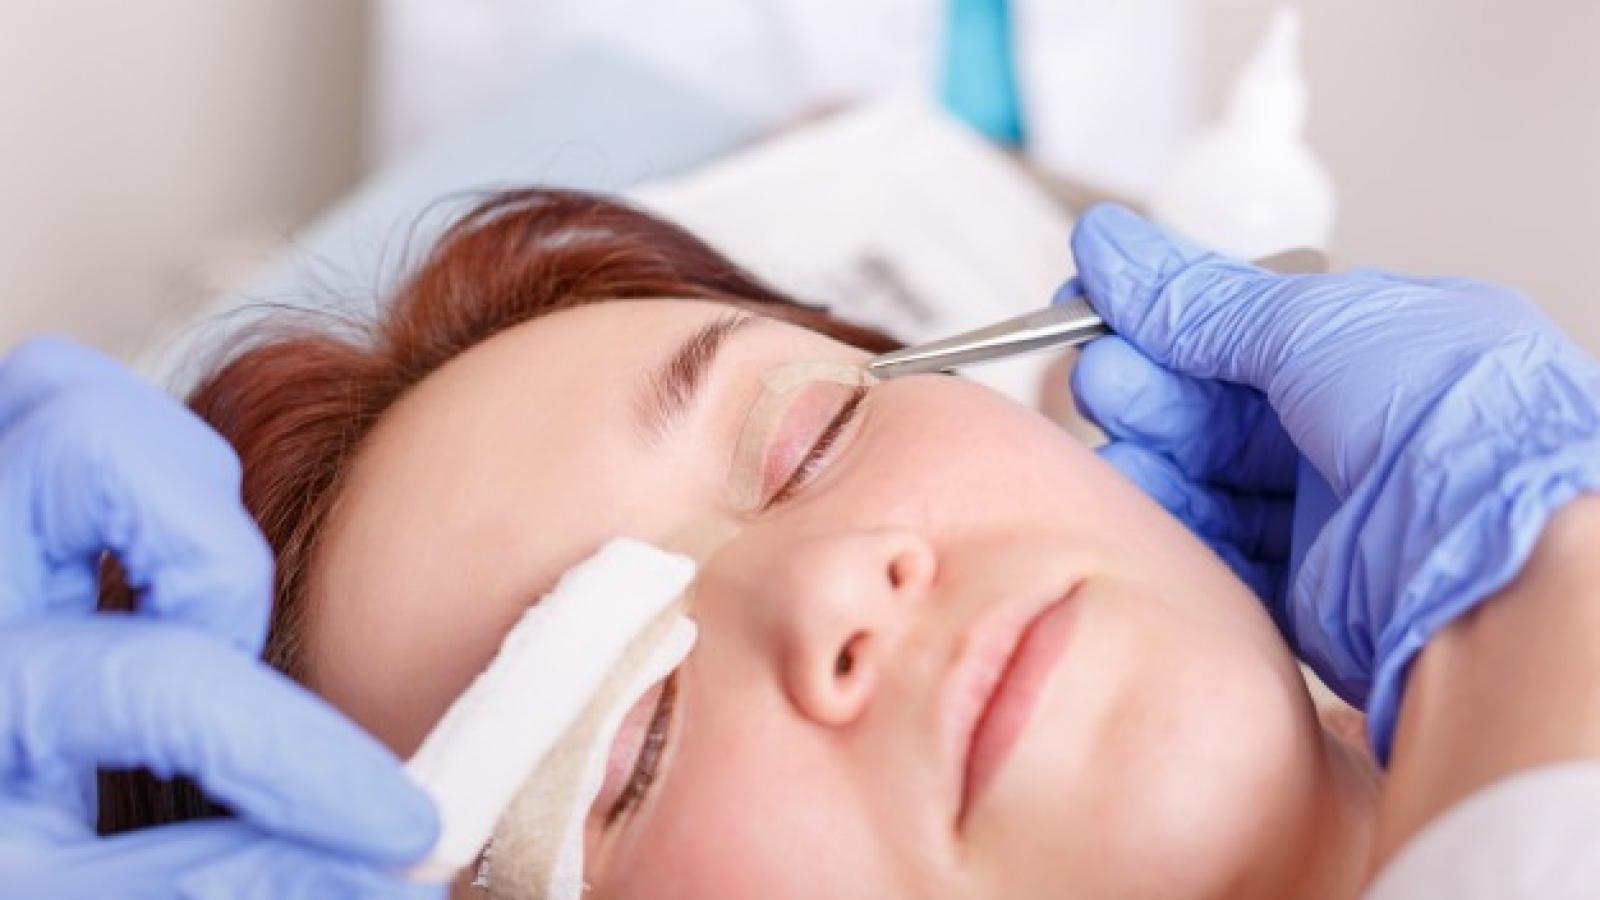 clinica de cirurgia plastica em santos dra ana lucia lemos-Blefaroplastia-cirurgia-plástica-levanta-pálpebras-e-elimina-bolsa-de-gordura